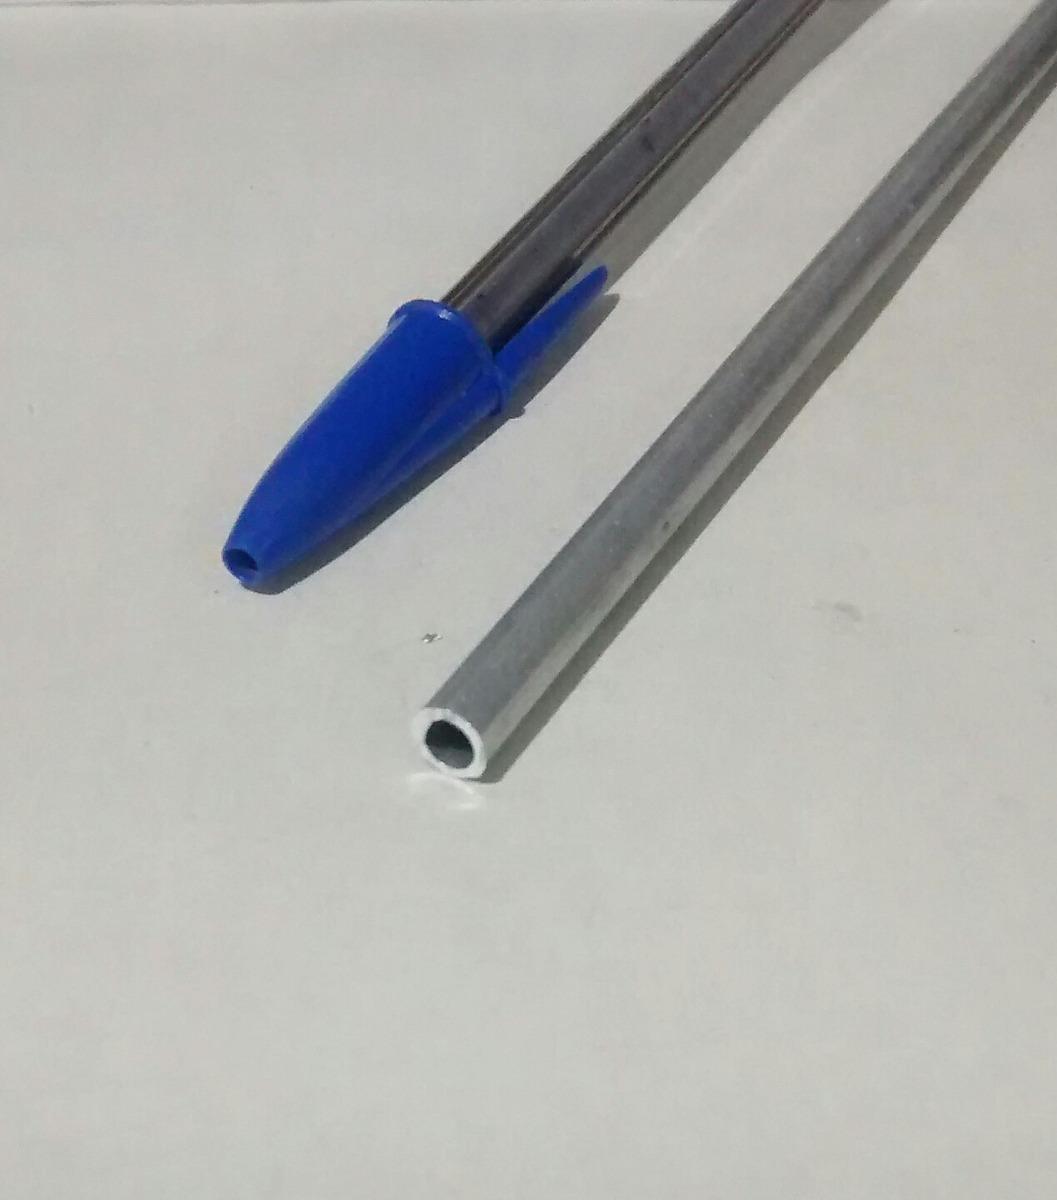 Tubo aluminio redondo 1 4 6 35mm x 1 00mm c 99cm r 9 - Tubo de aluminio ...